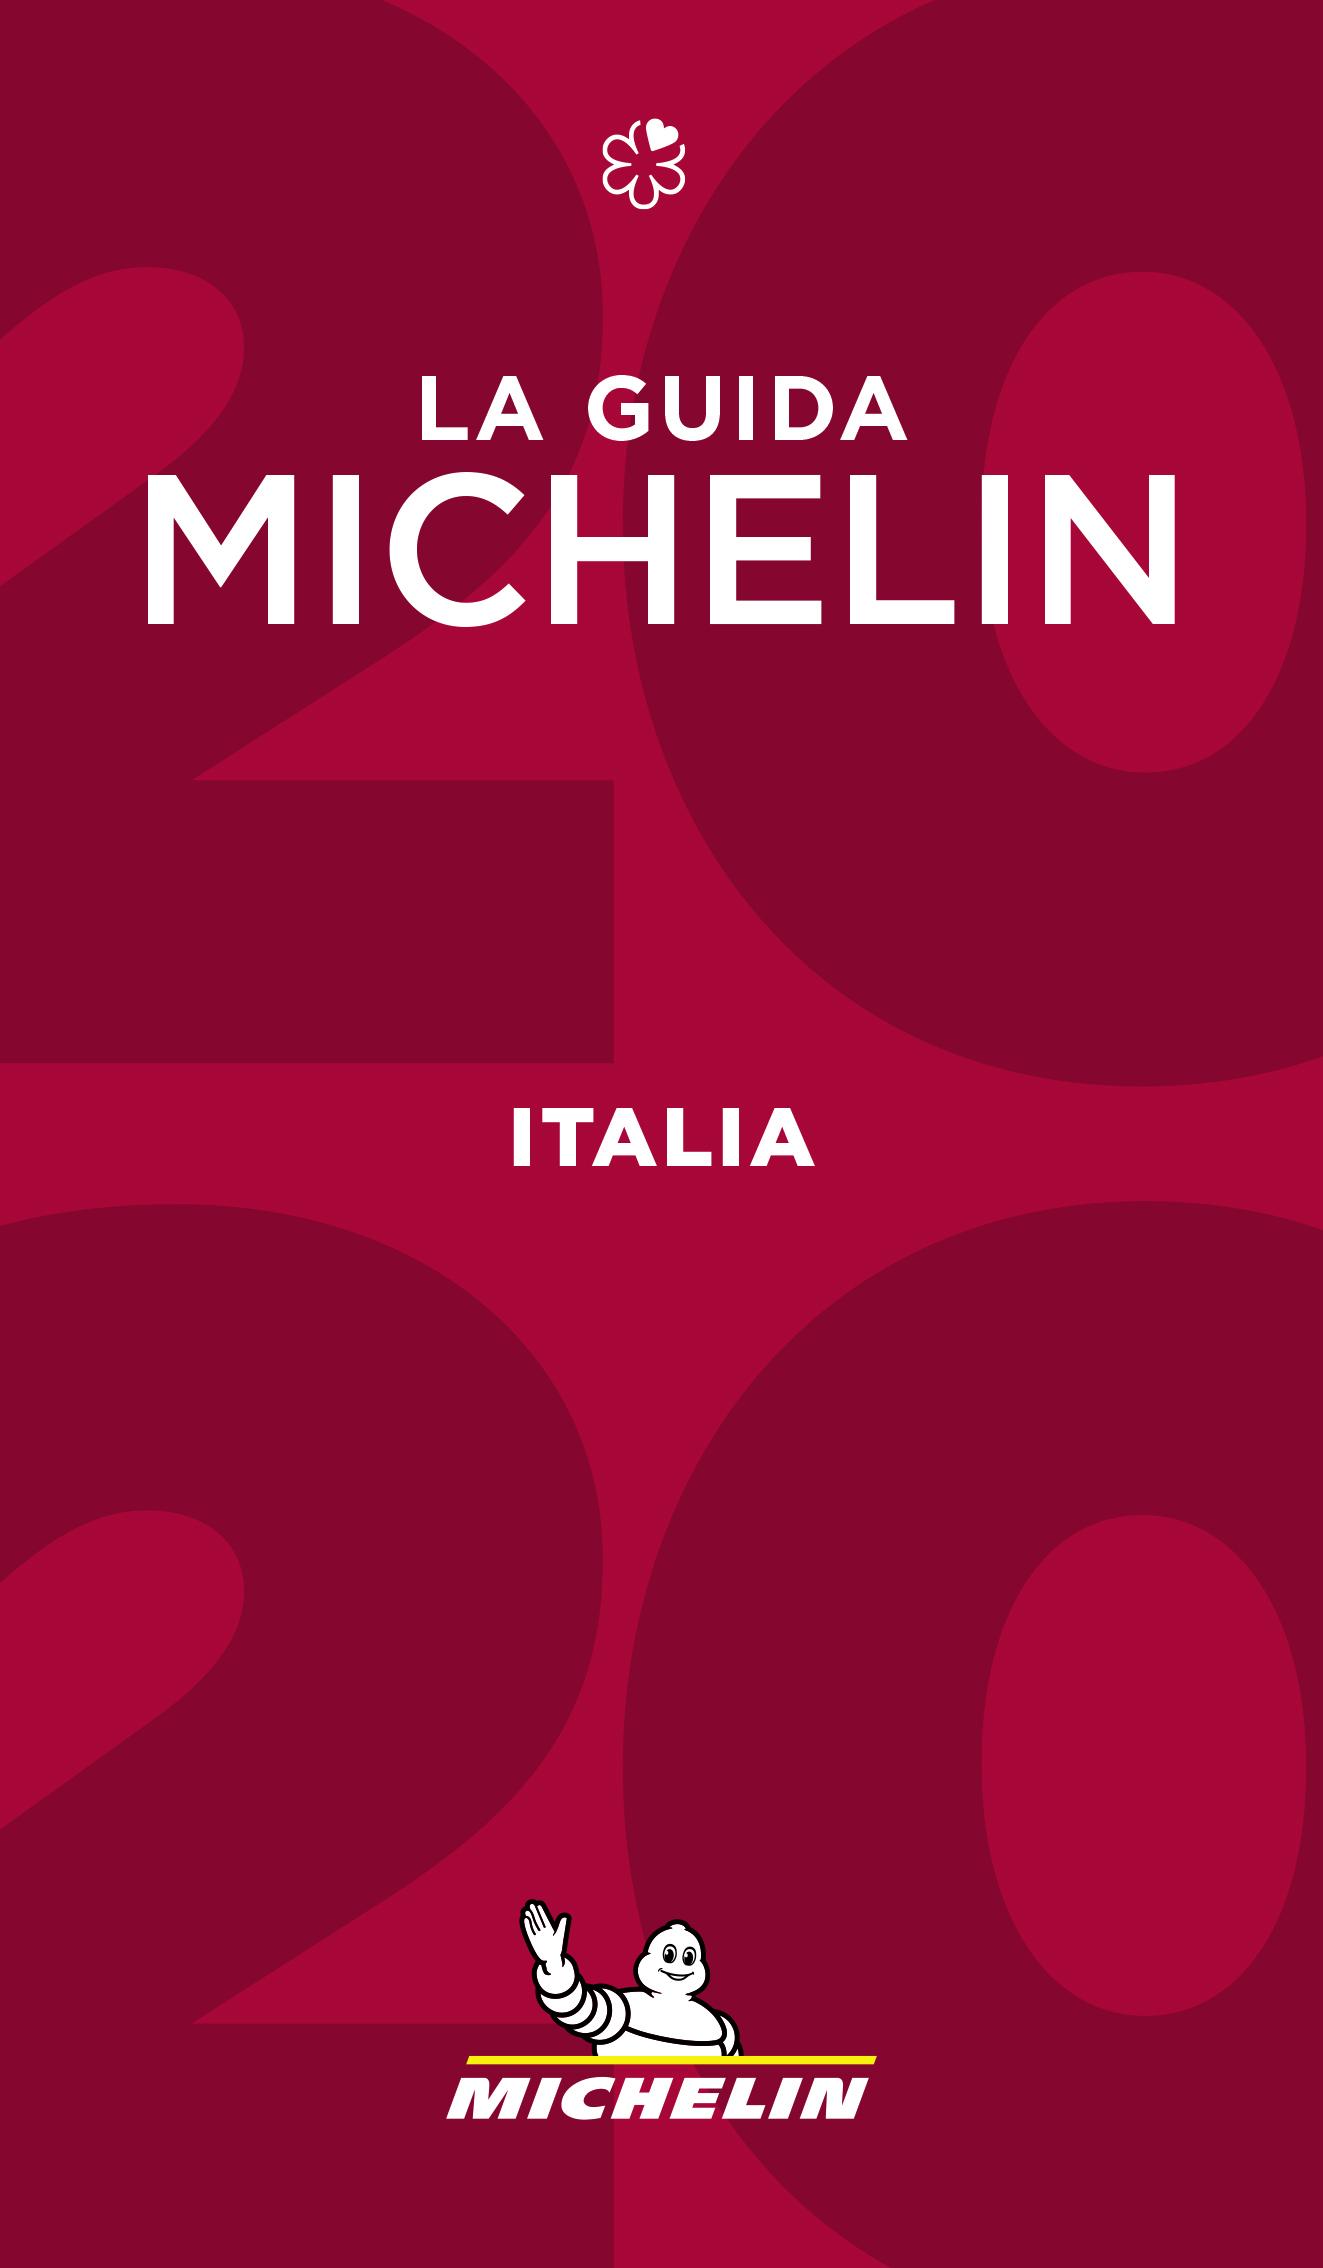 guida michelin italia 2019 copertina